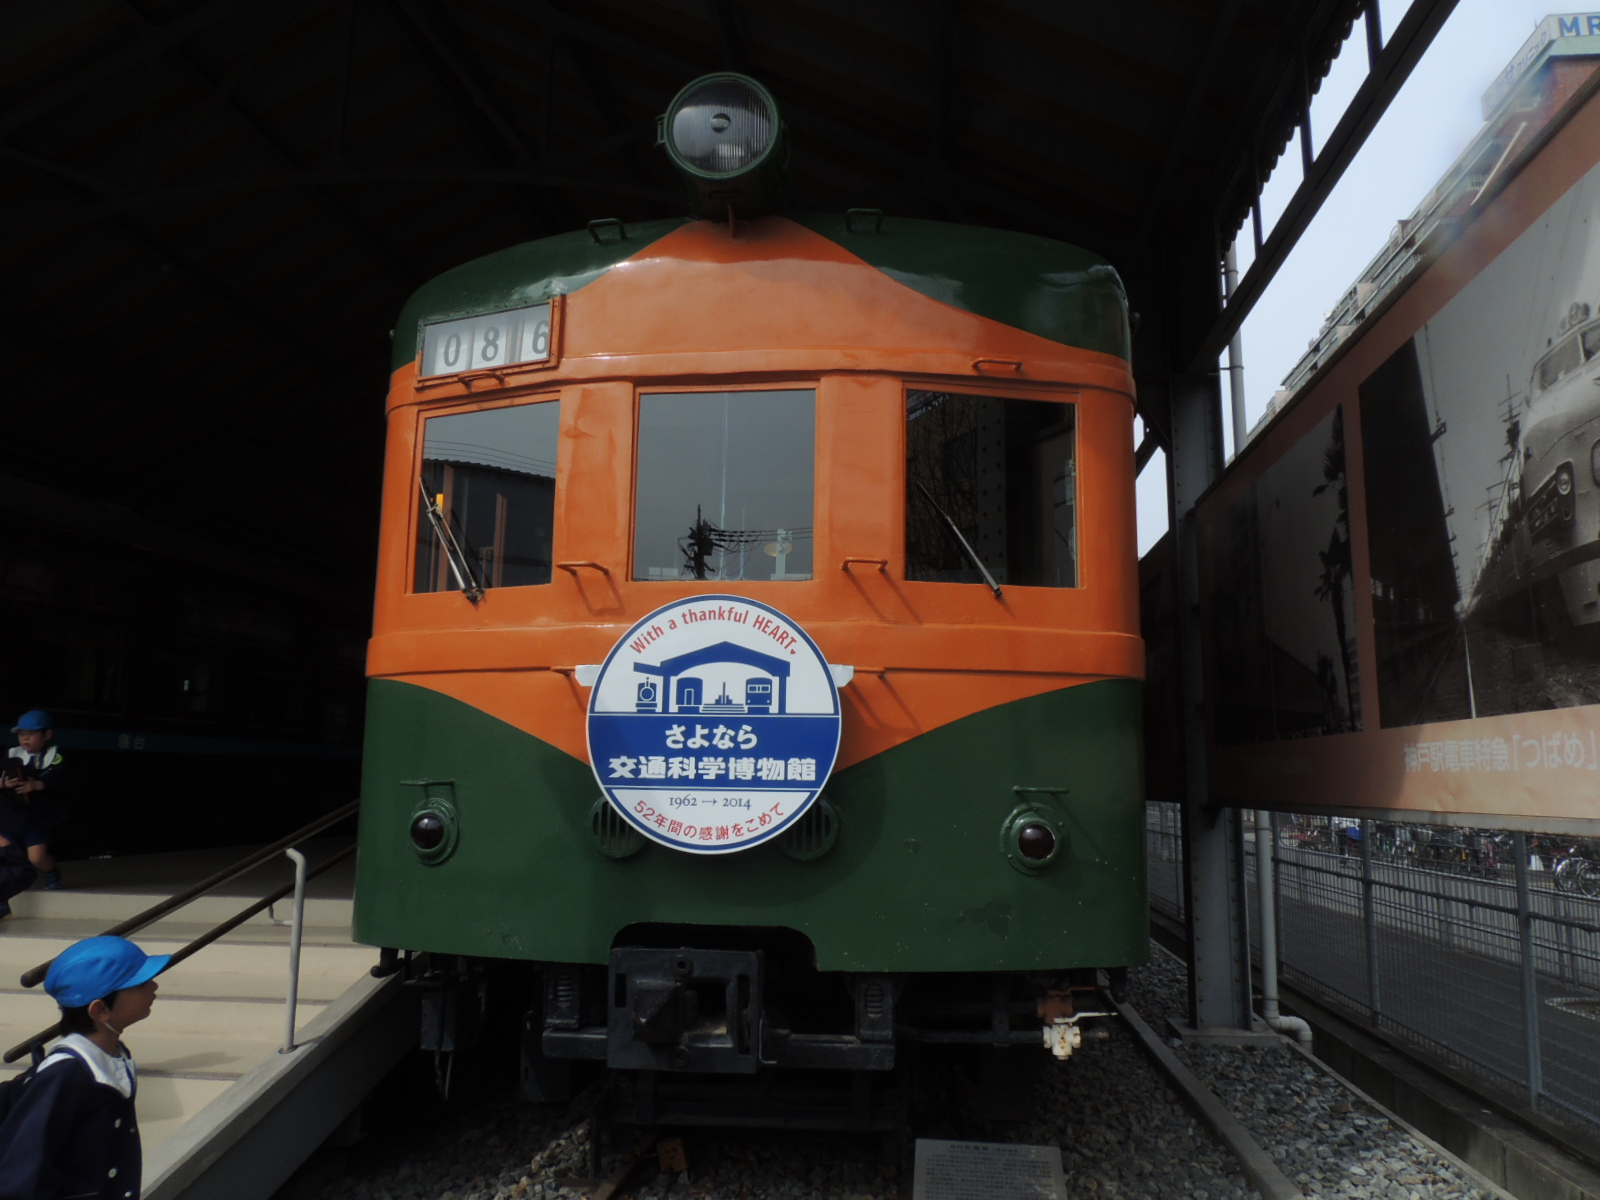 交通科学博物館最後の訪問 (36)